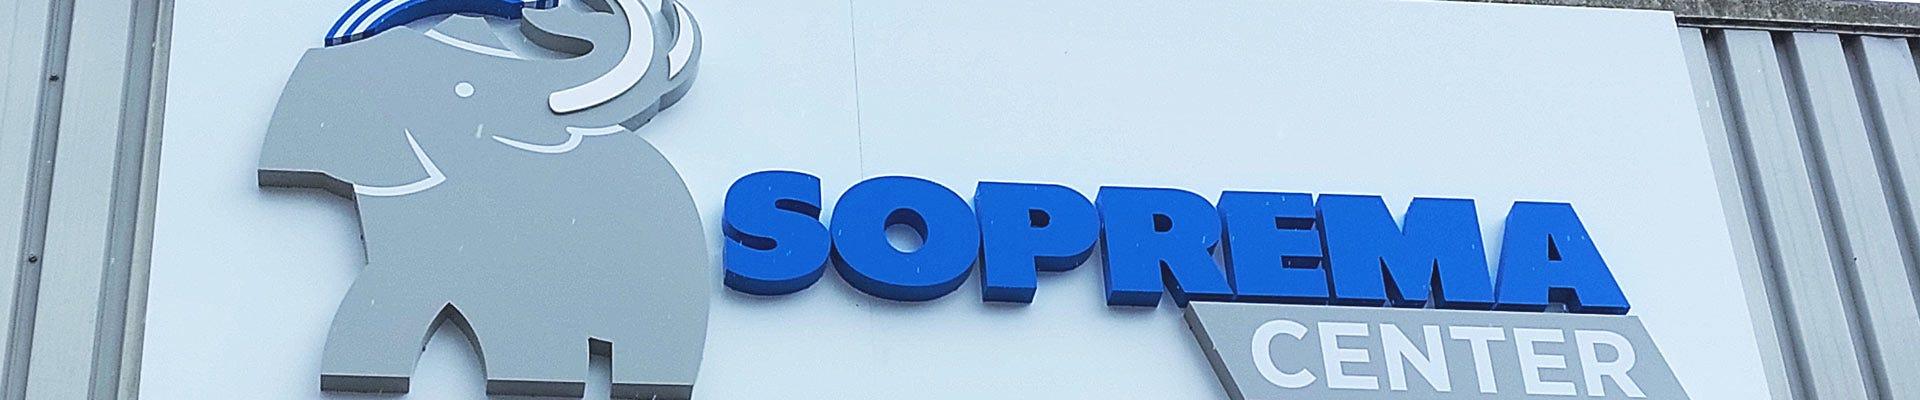 vacature commercieel medewerker binnendienst  SOPREMA center Zwolle